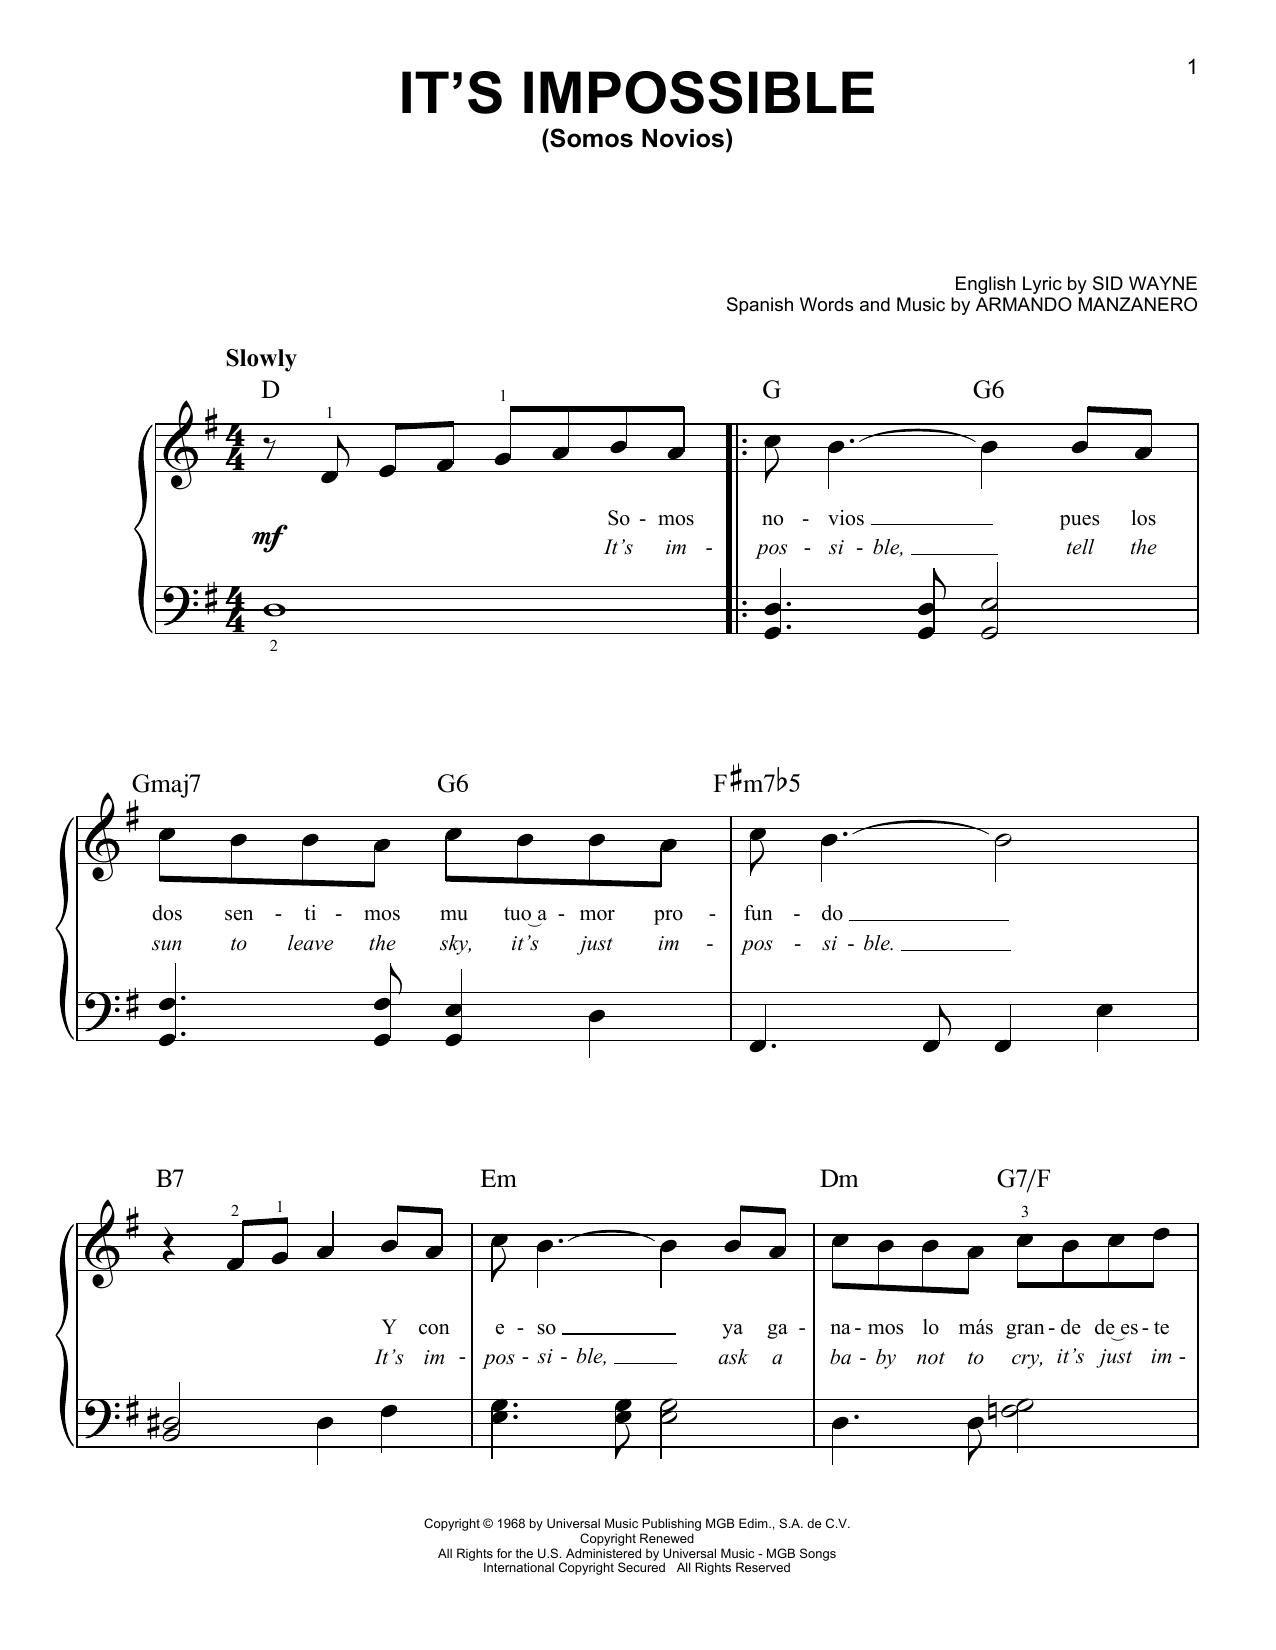 It's Impossible (Somos Novios) (Very Easy Piano)